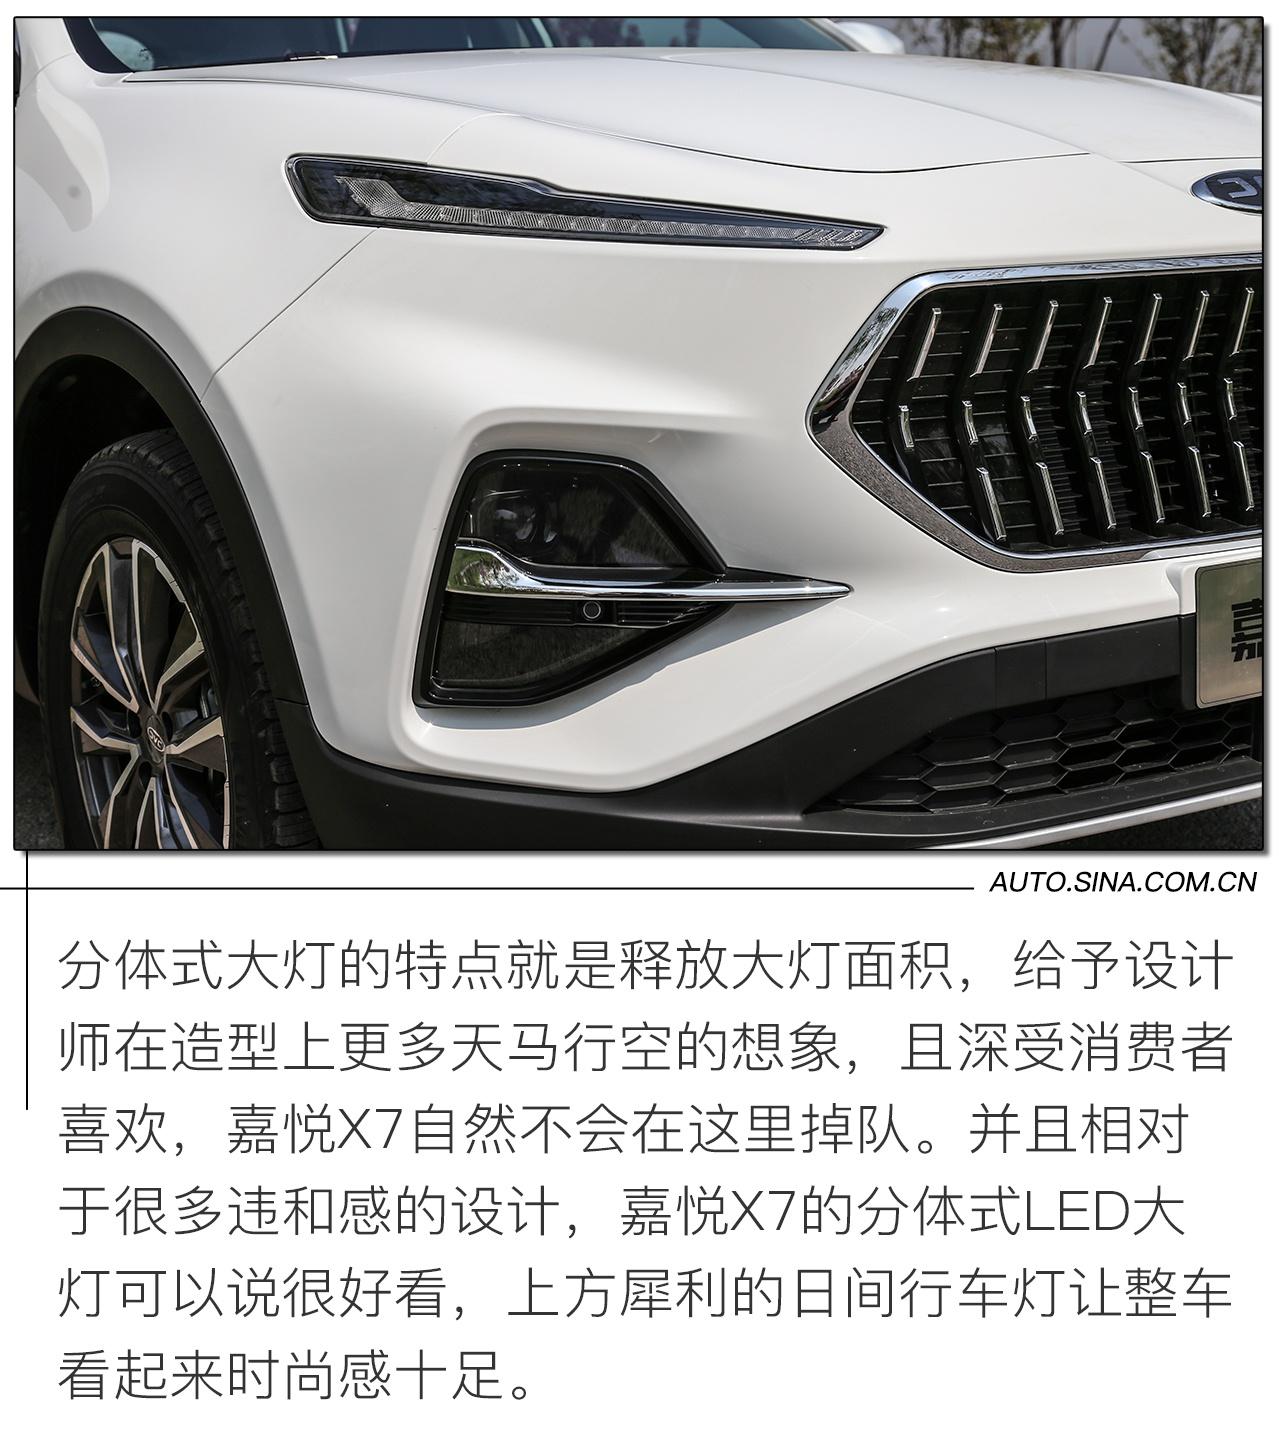 这款车居然和大众有关系?江淮嘉悦X7实拍